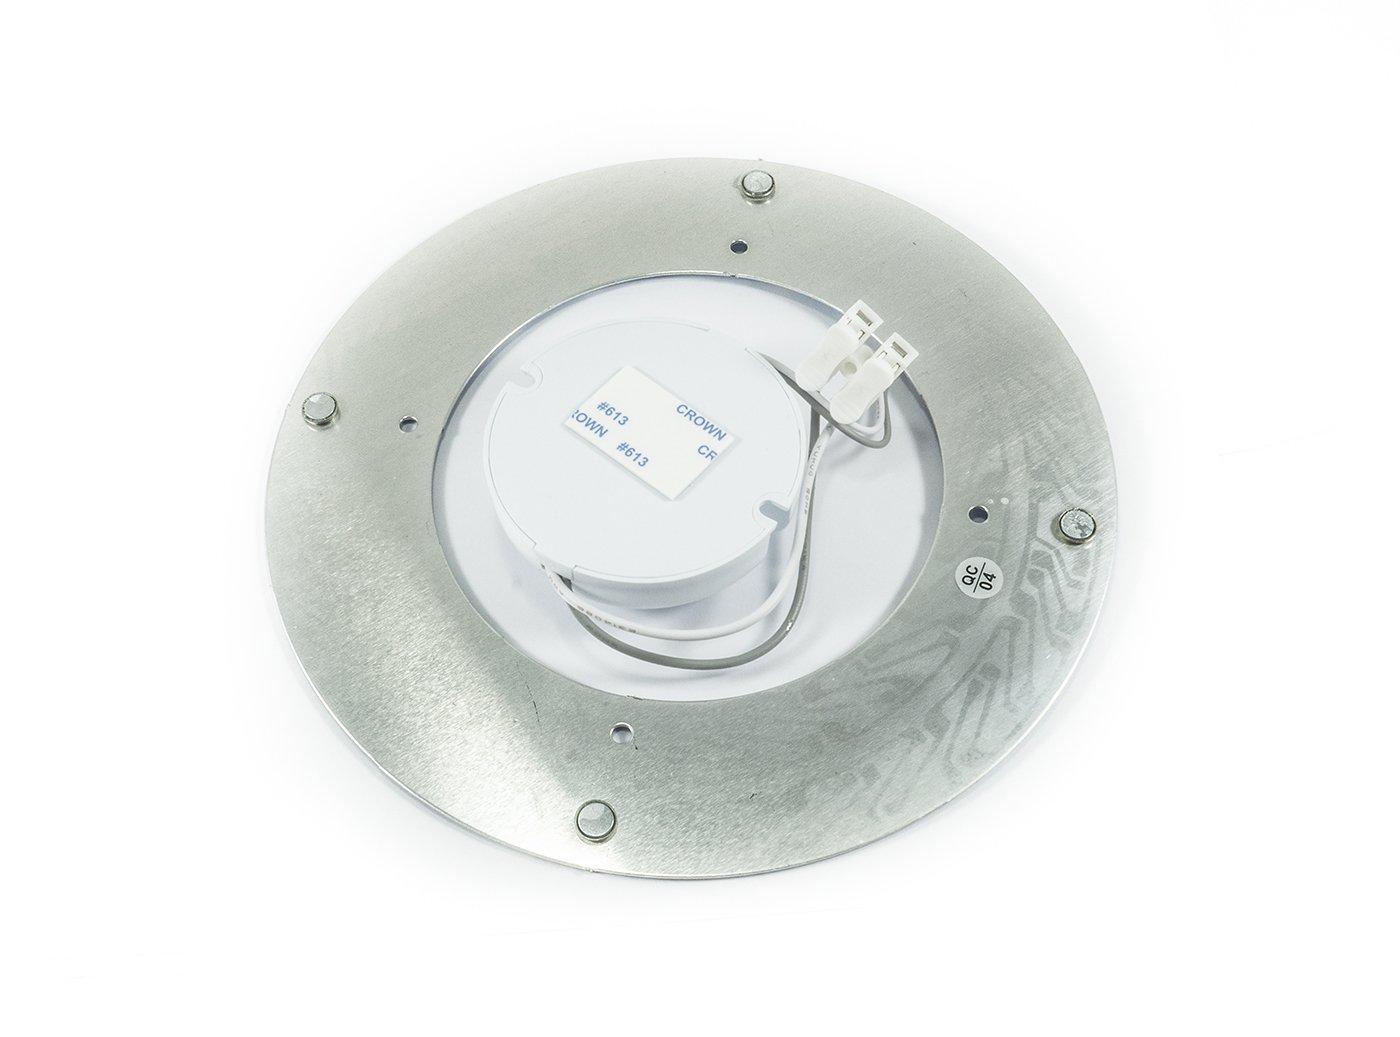 Plafoniere Con Circolina : Kit conversione pannello led plafoniera small lampada luce neon smd